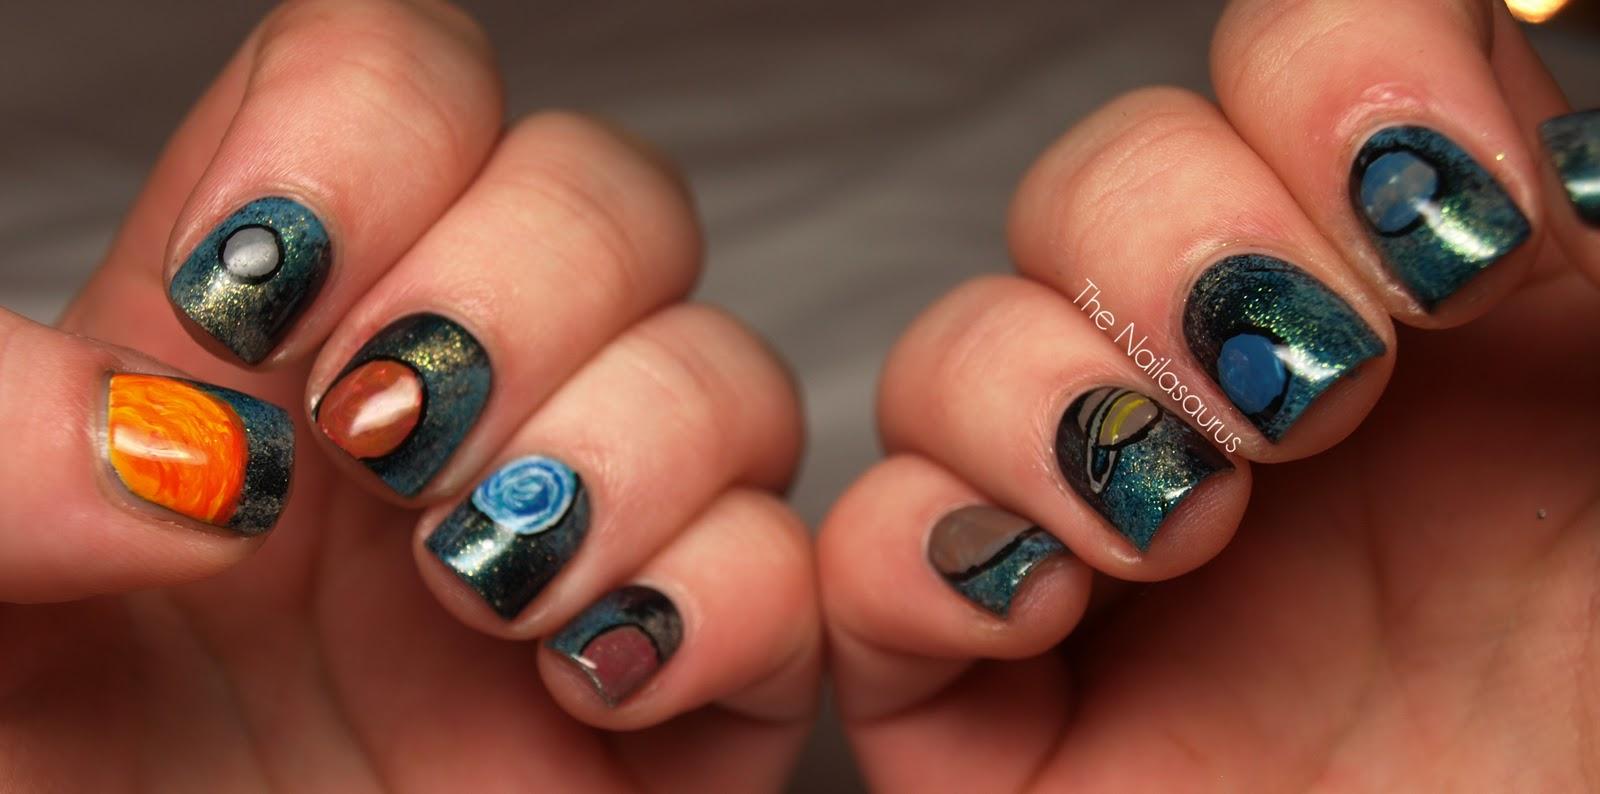 Galaxy Nails... Literally - The Nailasaurus | UK Nail Art Blog